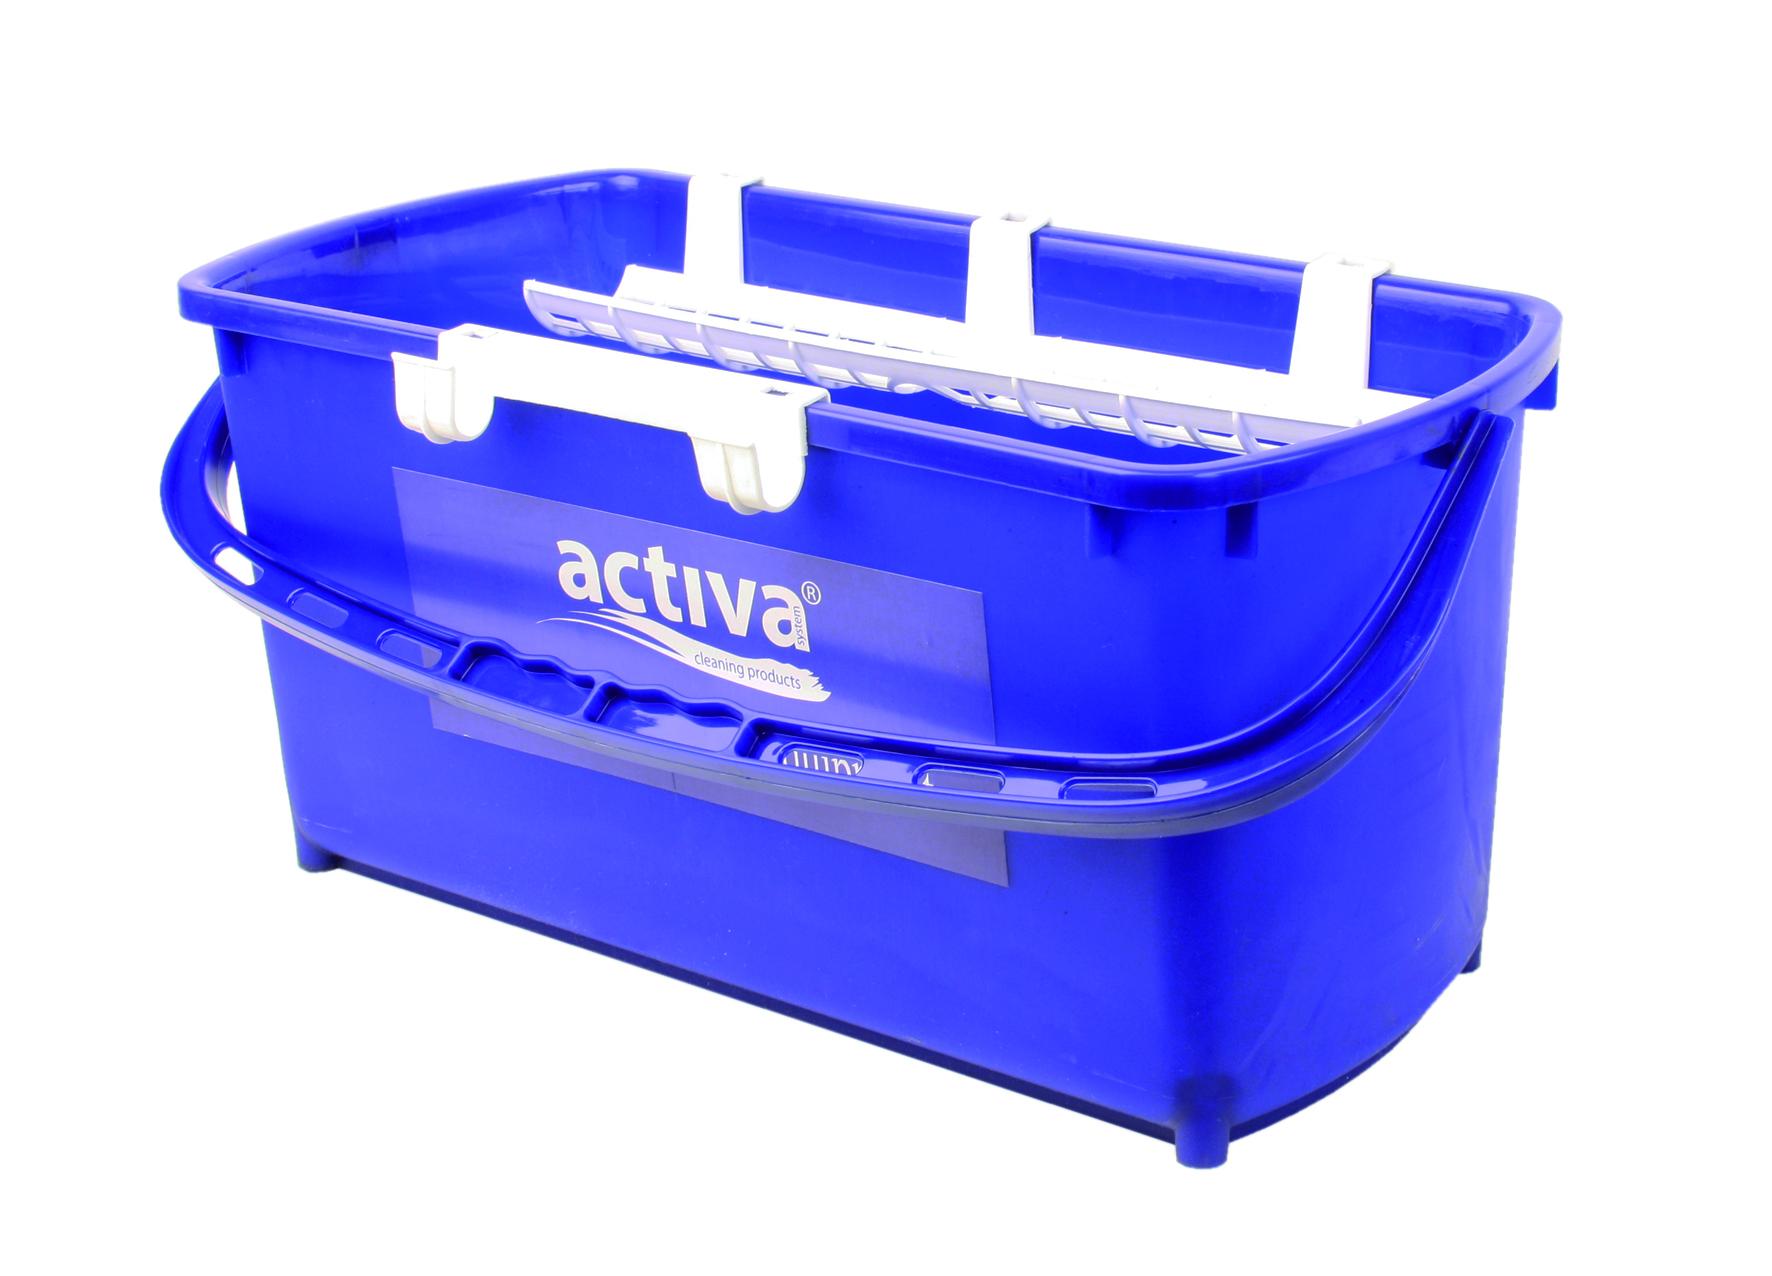 HT Aknapesuämber 18L+2x hoidik, sinine, kastis: 10tk.